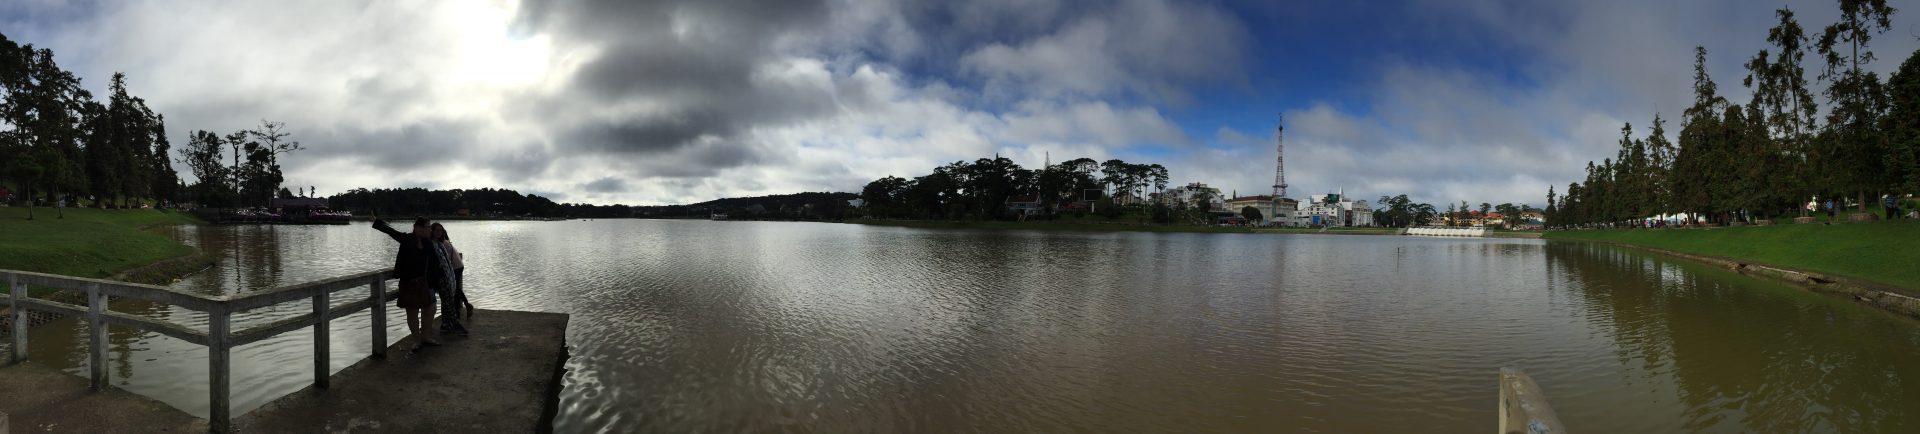 xuanhuong-lake-dalat-vietnam-2015-thebroadlife-travel